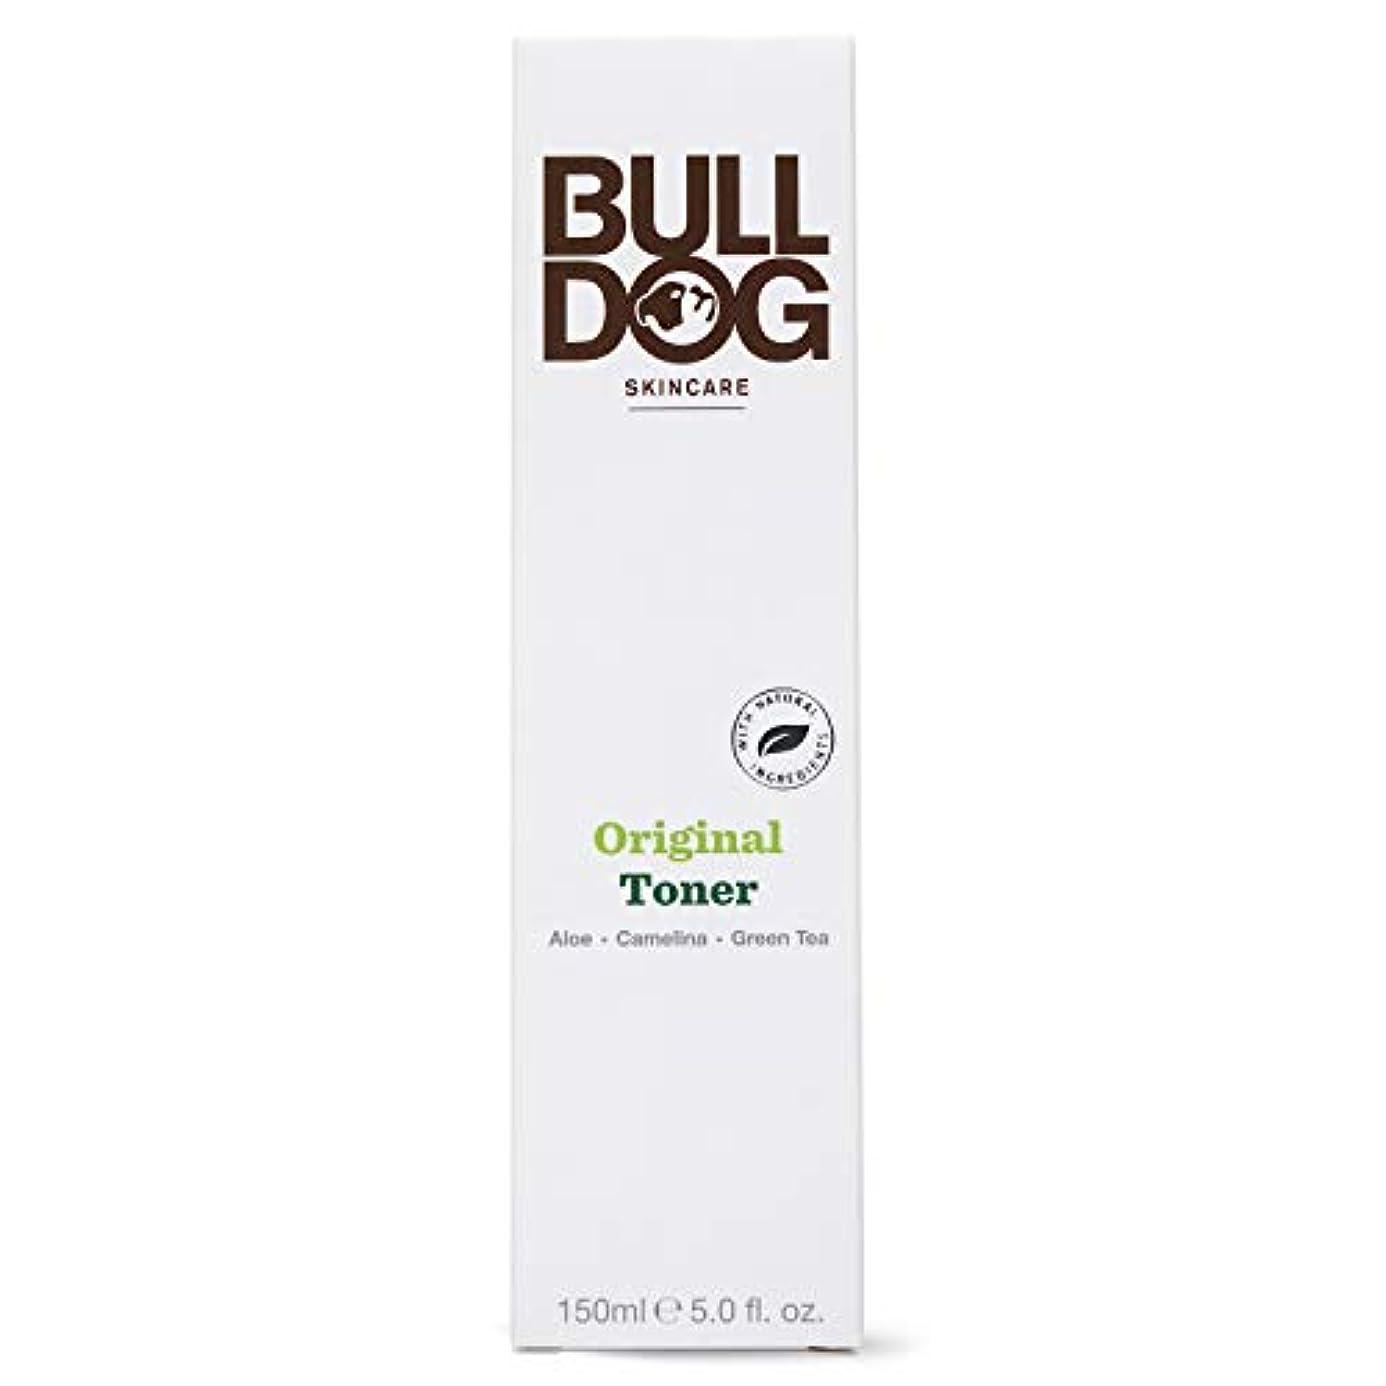 商人しかしながら写真Bulldog(ブルドッグ) ブルドッグ Bulldog オリジナル トナー 化粧水 150ml 肌をすっきり なめらかに